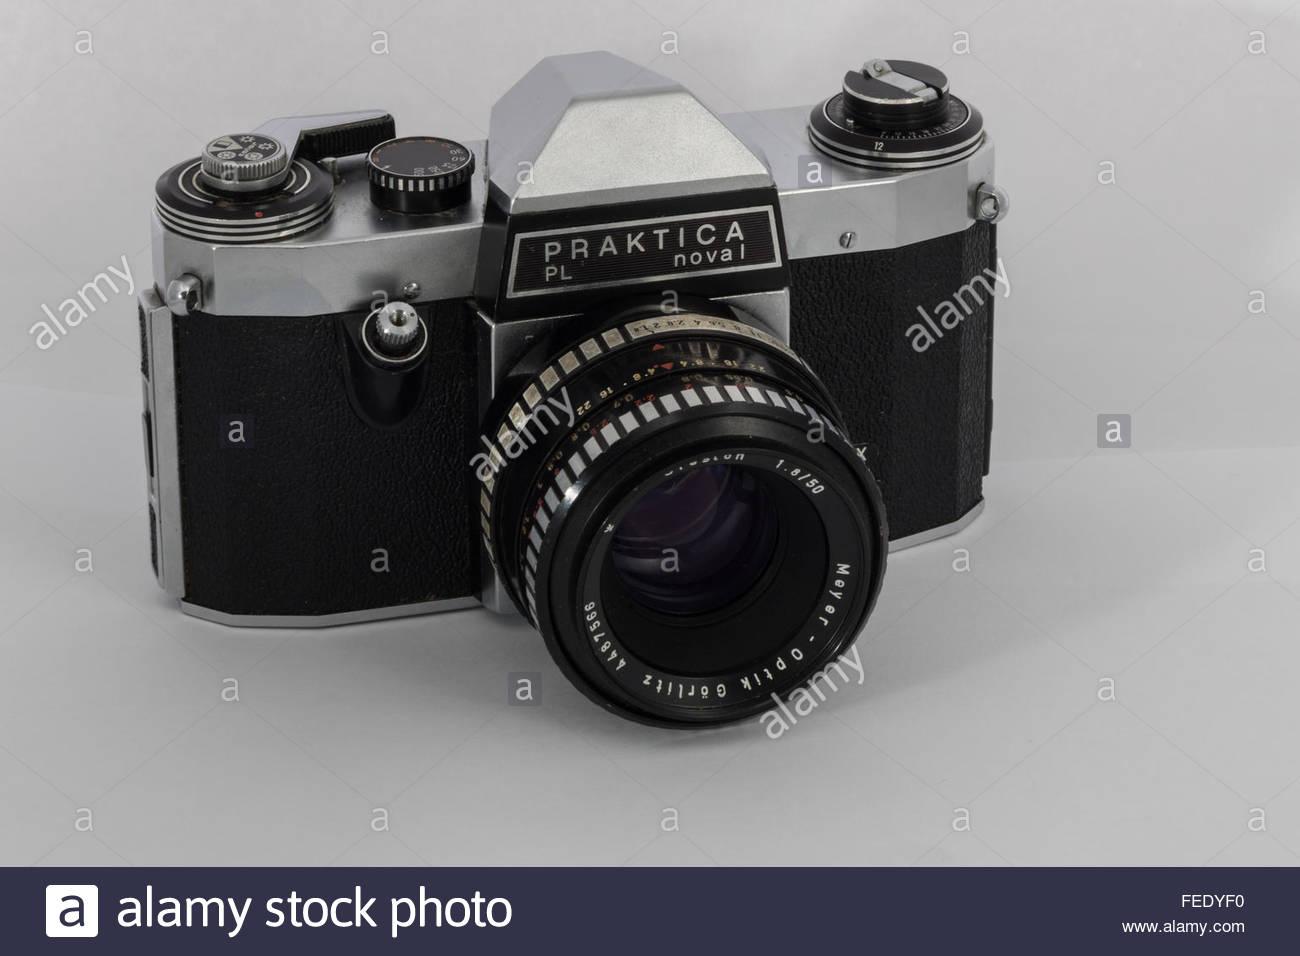 a-praktica-nova-1-a-35mm-slr-film-camera